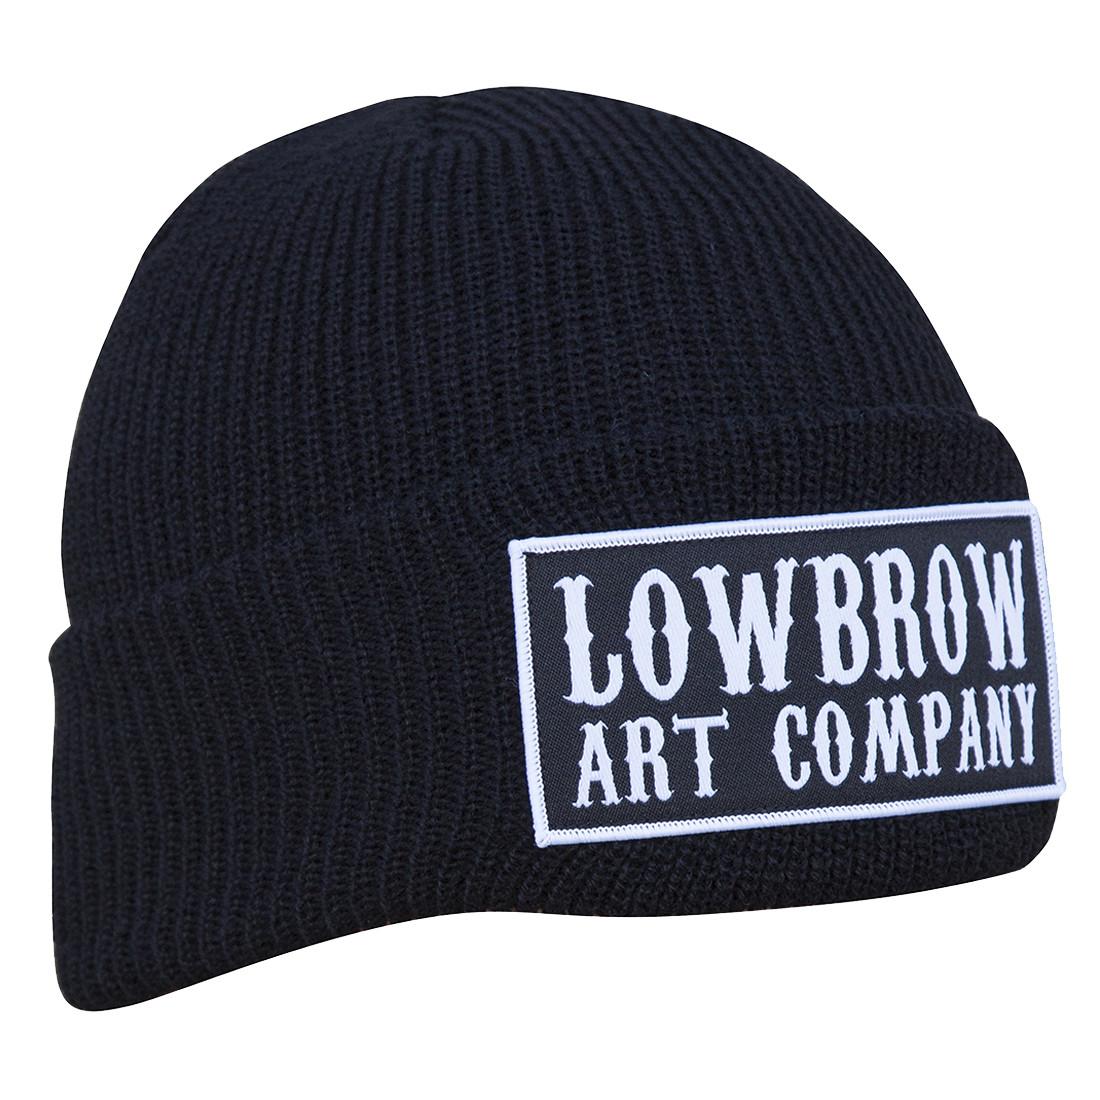 BLA1672-A-Lowbrow-Beanie  30770.1546453320.1280.1280.jpg c 2 2bc6dfe488c